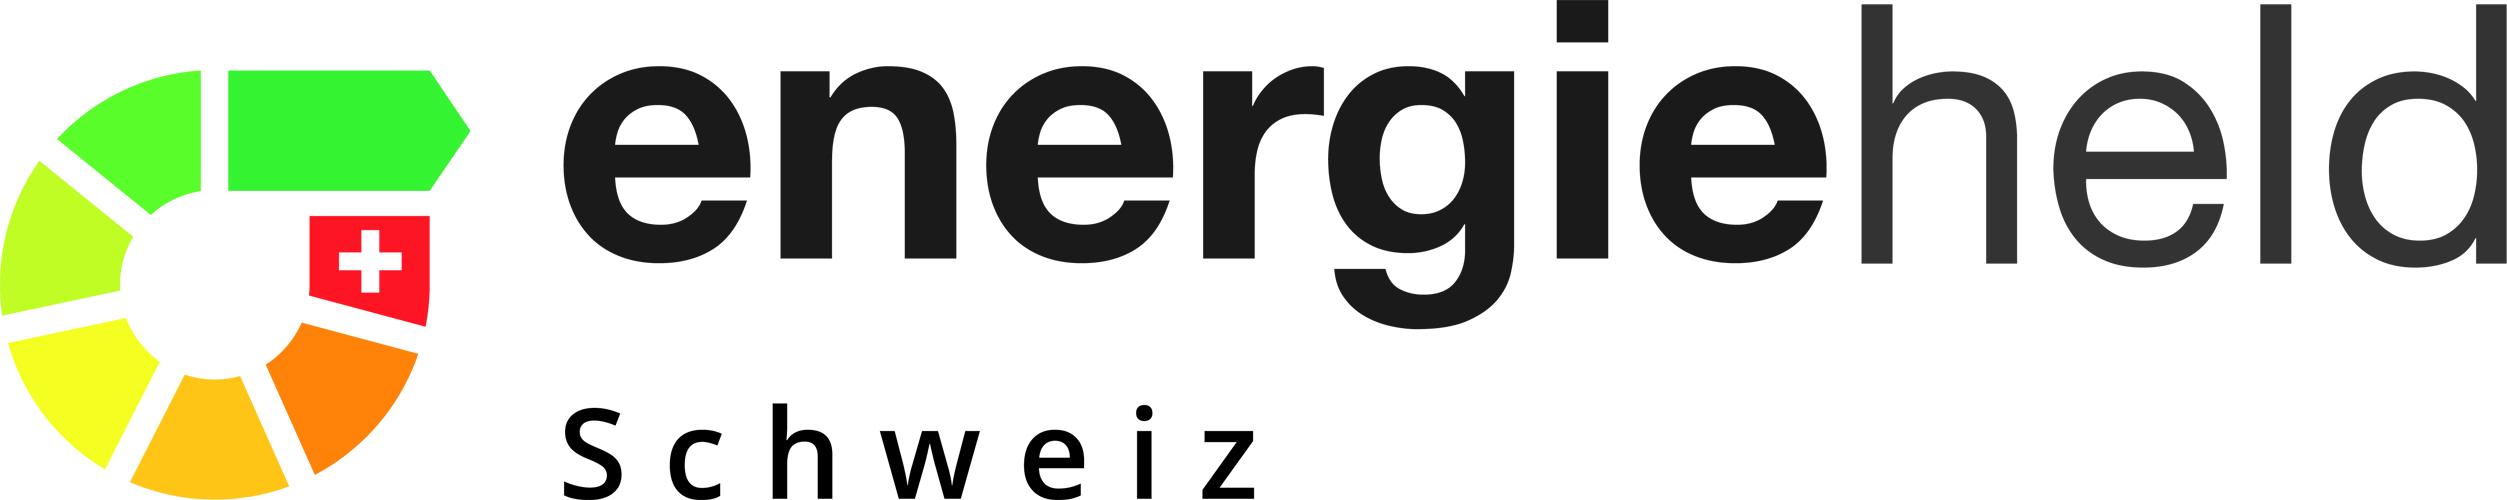 Energieheld Schweiz Partner